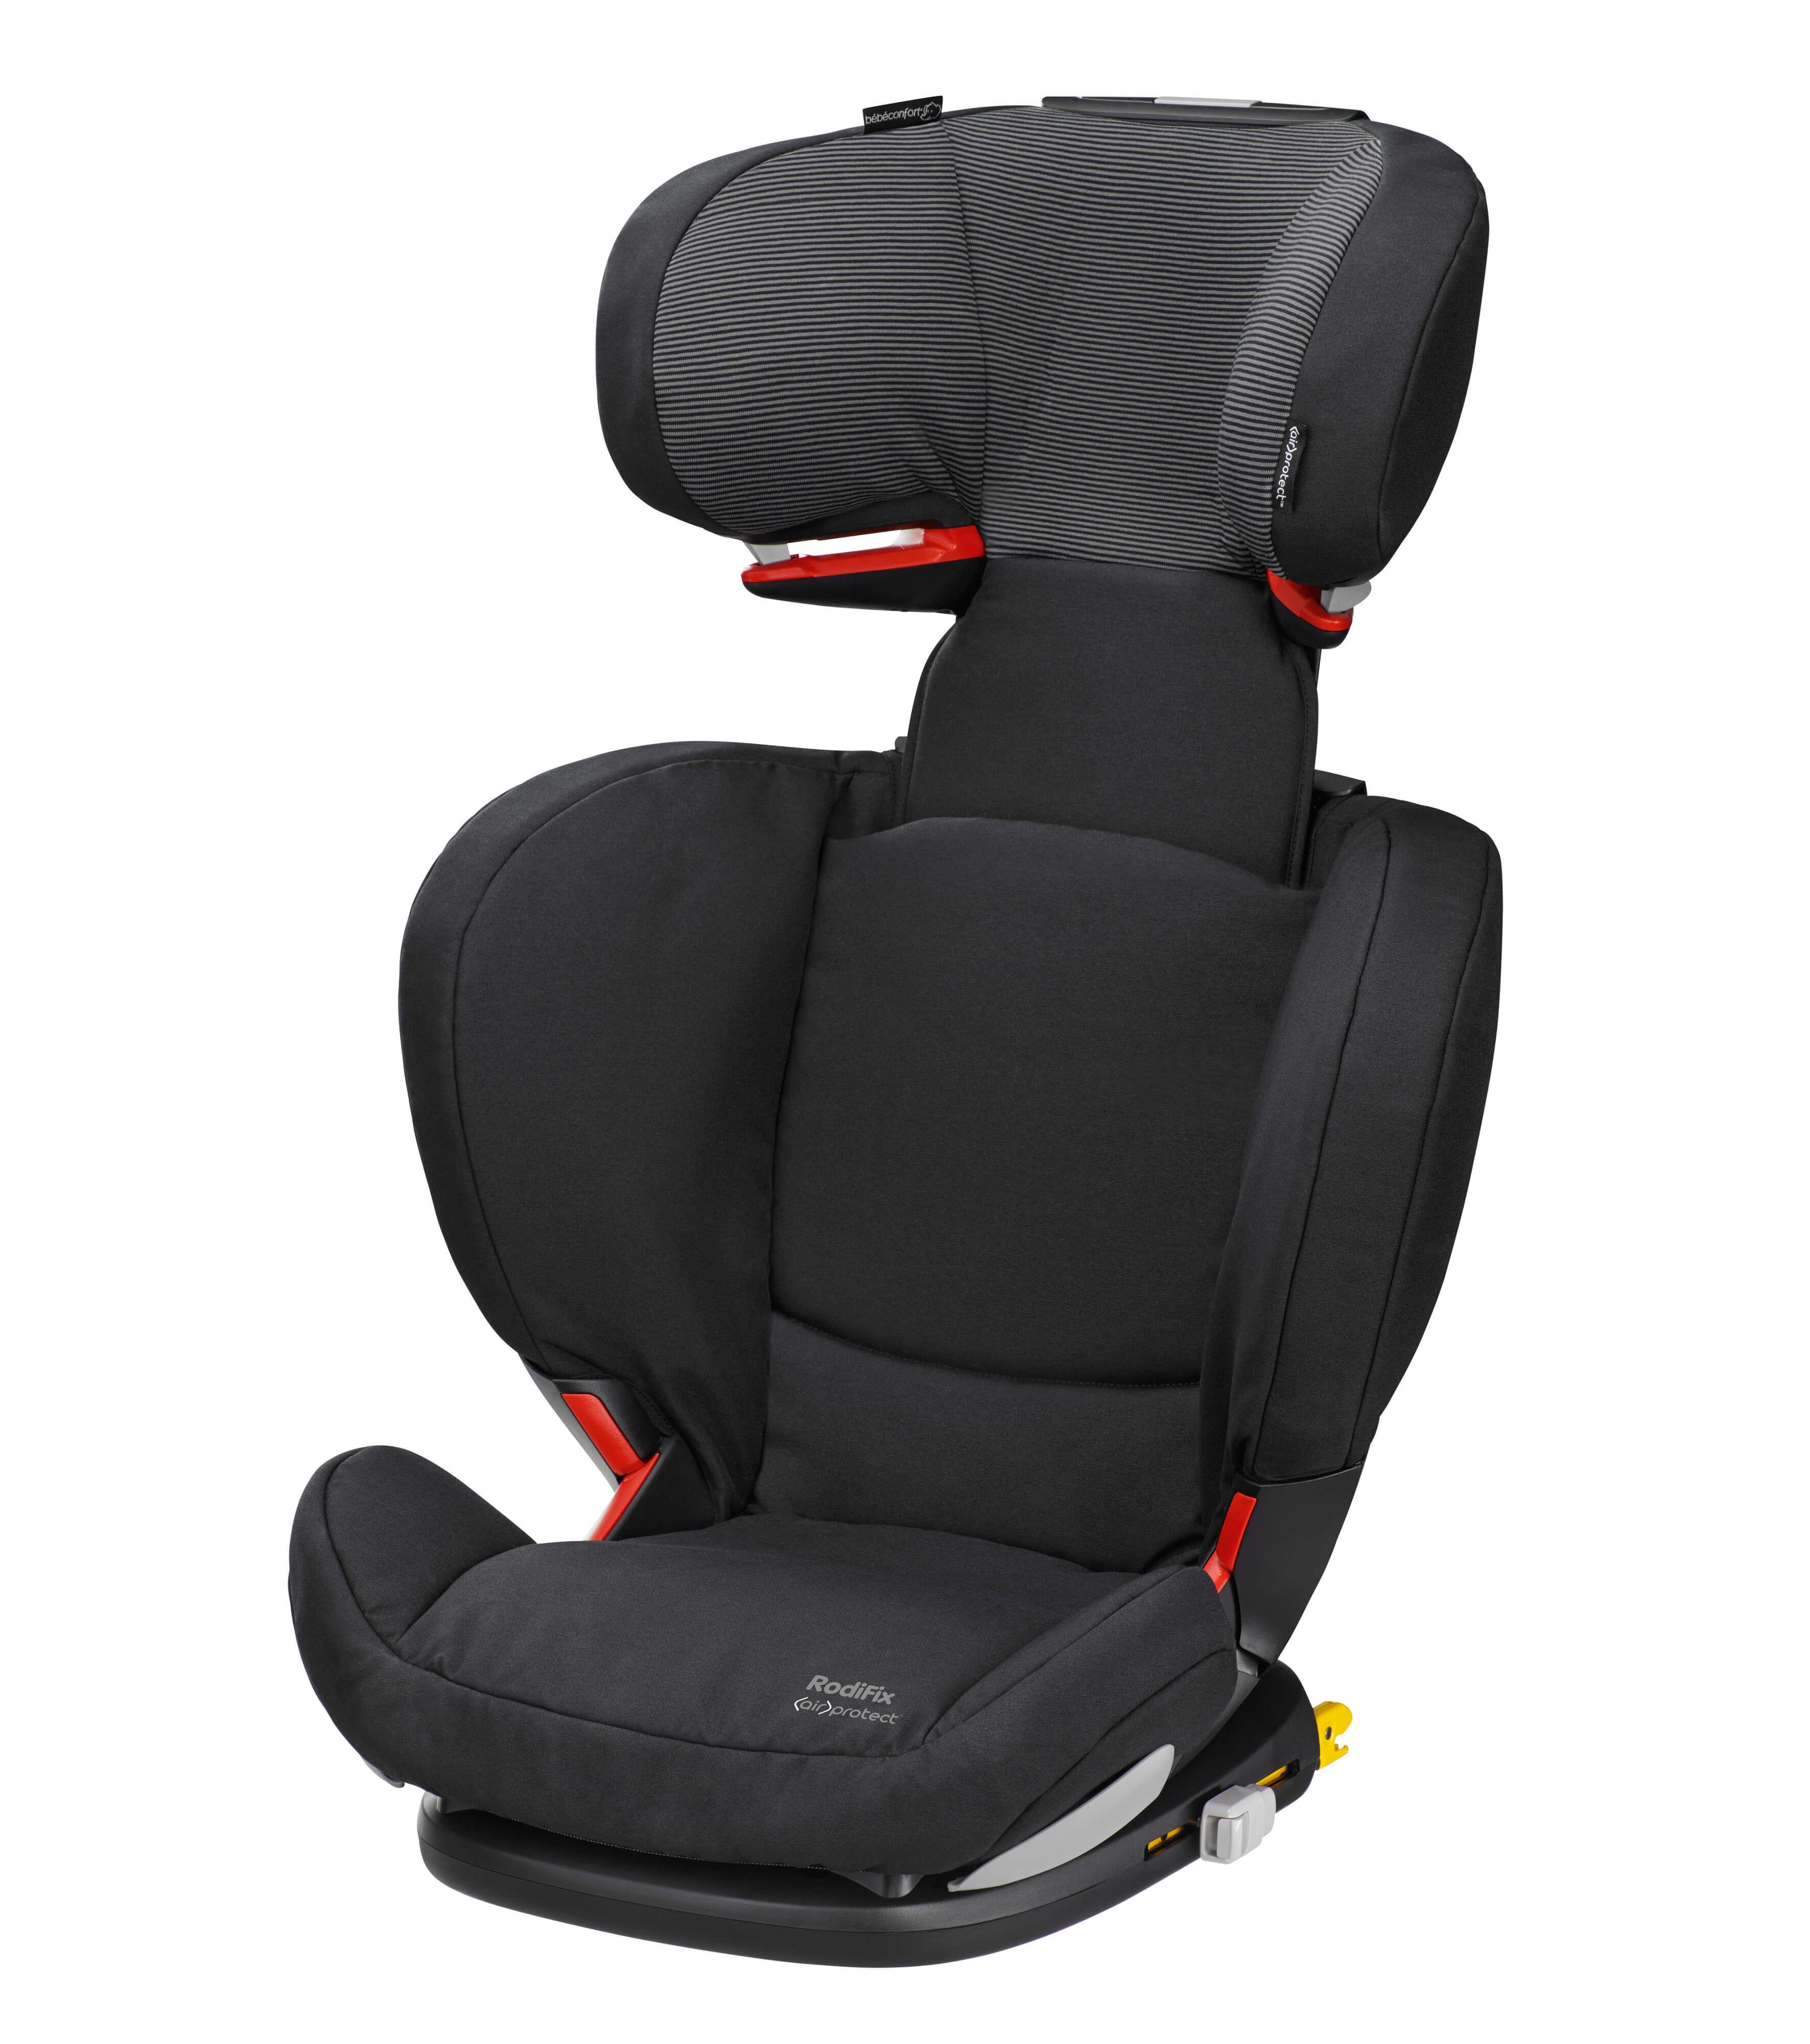 Alquiler silla auto grupo 2 y 3 para ni os a partir de los 3 5 a os de 15 a 36kg aproximadamente - Sillas de auto grupo 2 y 3 ...